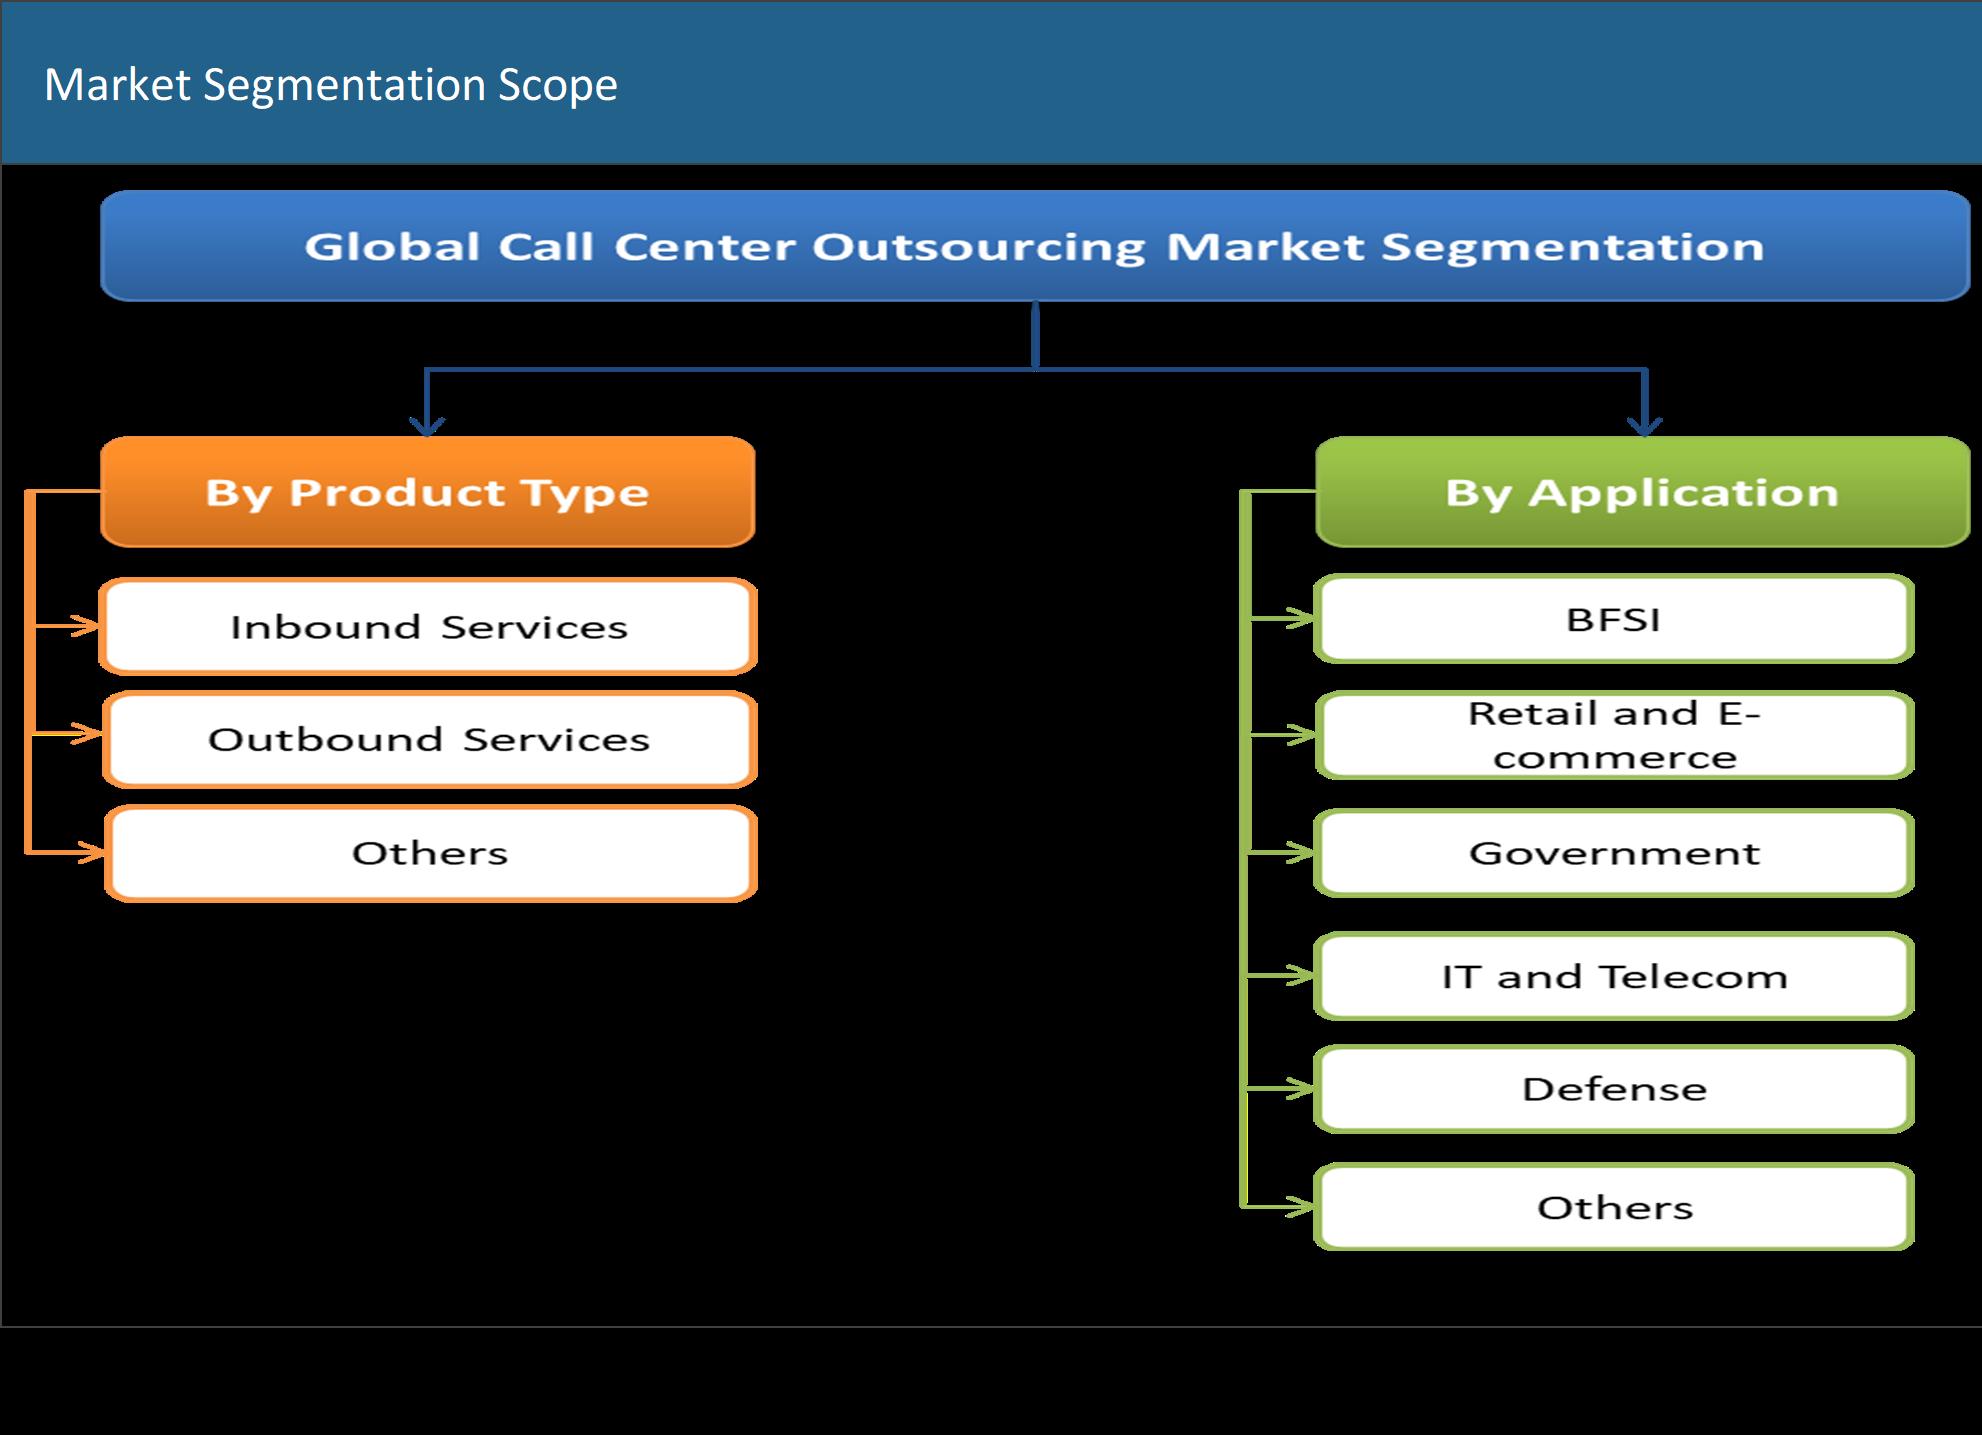 Call Center Outsourcing Market Segmentation